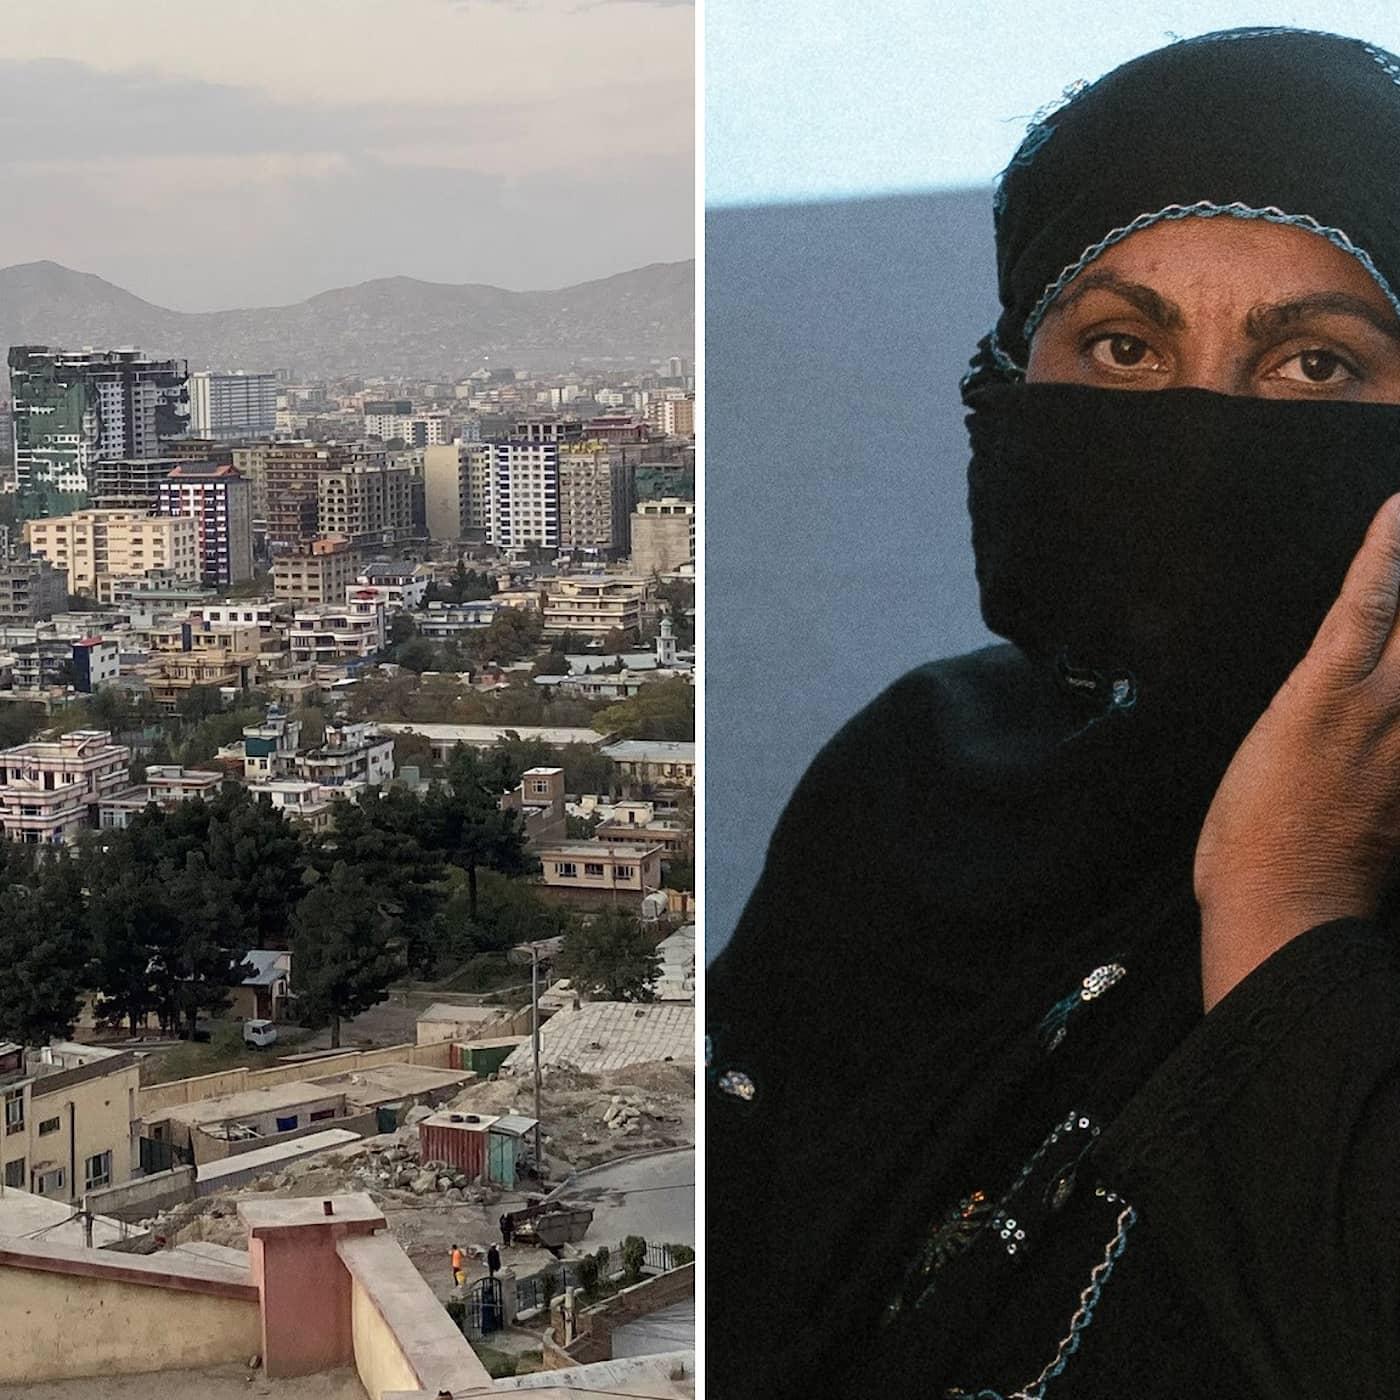 Hon försöker överleva i talibanernas Kabul